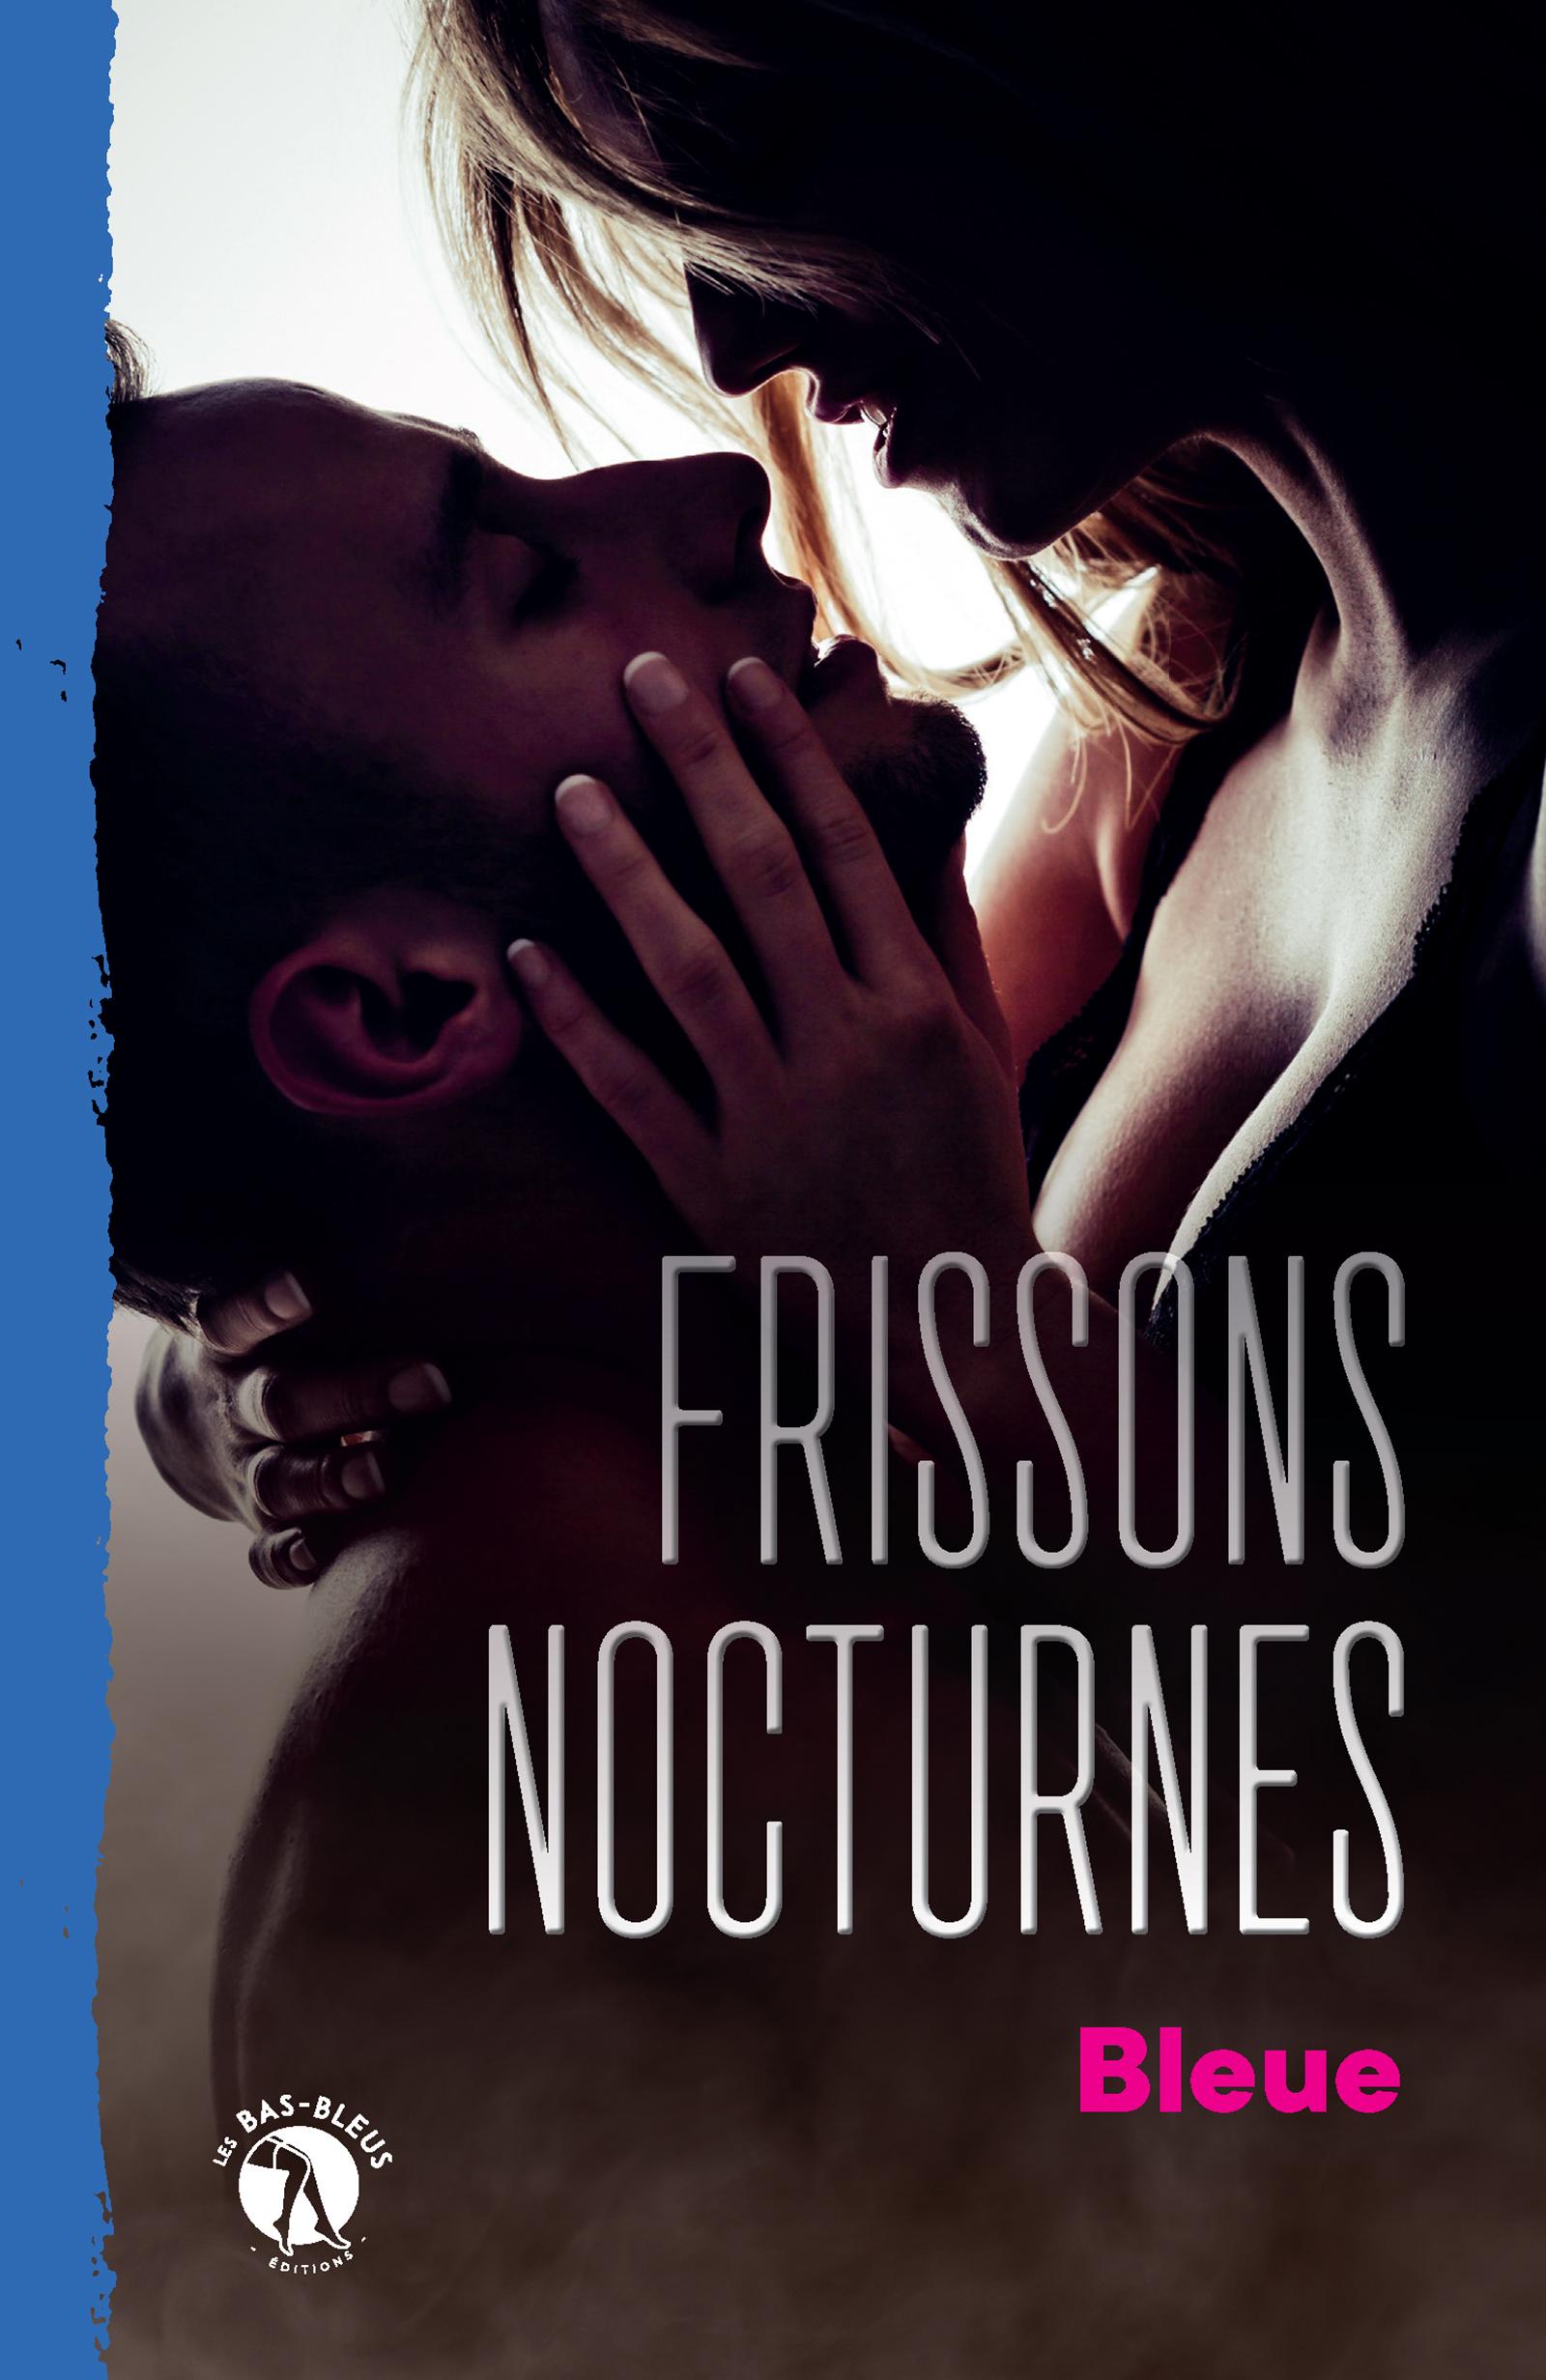 Frissons nocturnes